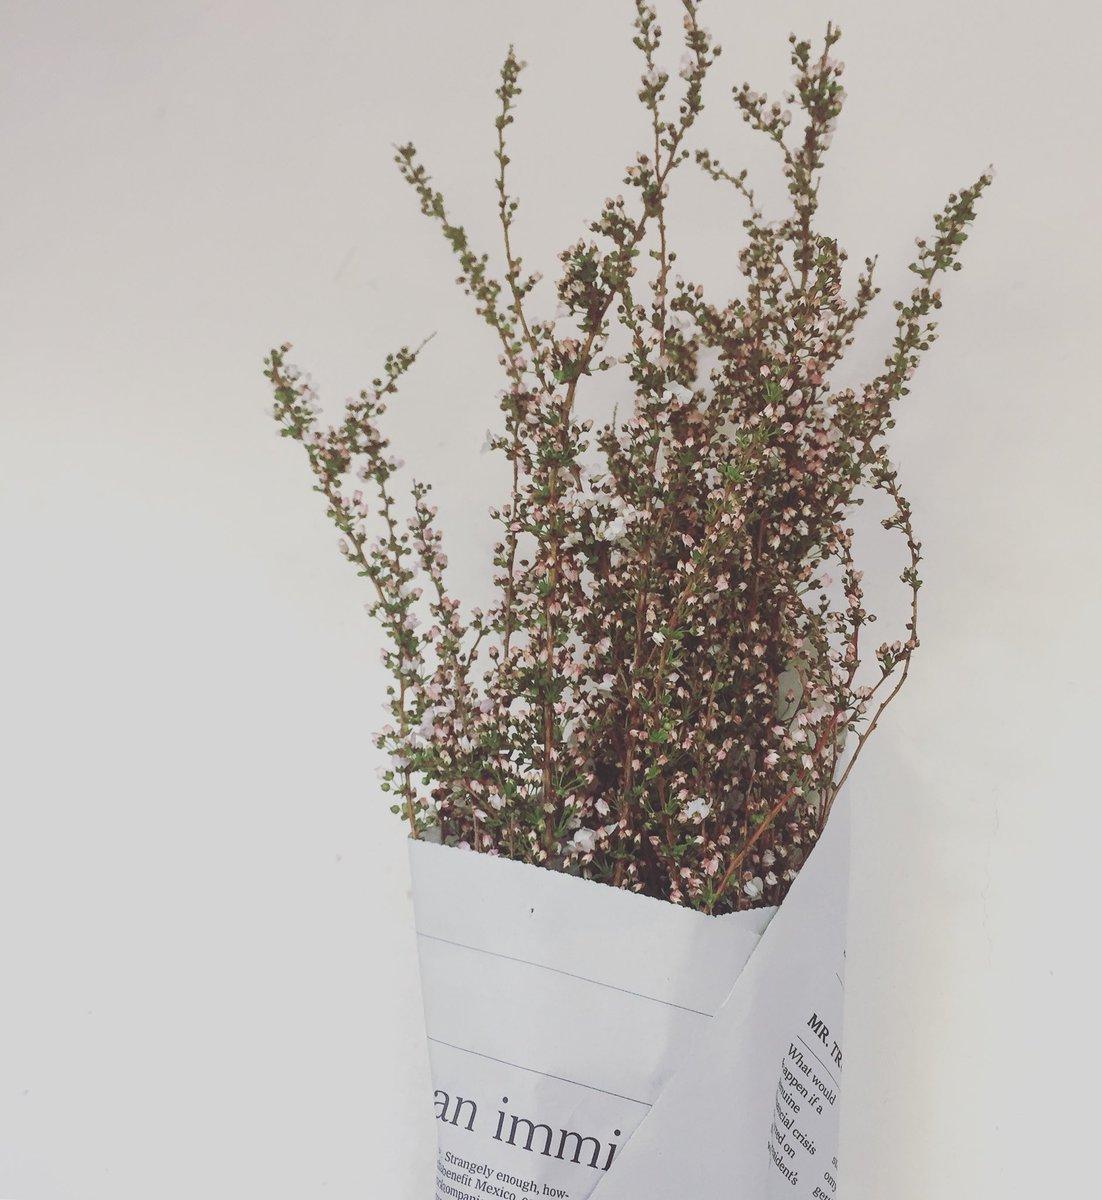 +お知らせ+ 新年をお祝いするお花、お飾りは12/27(金)の午後から店頭に並びます。年内の営業は12/30(月)迄となります。12/31〜1/9は冬休みをいただきます。*なお、ギフトの配送は1/1お届け分まで承ります。新年は1/11お届け分からお受けいたします。* どうぞよろしくお願いいたします。